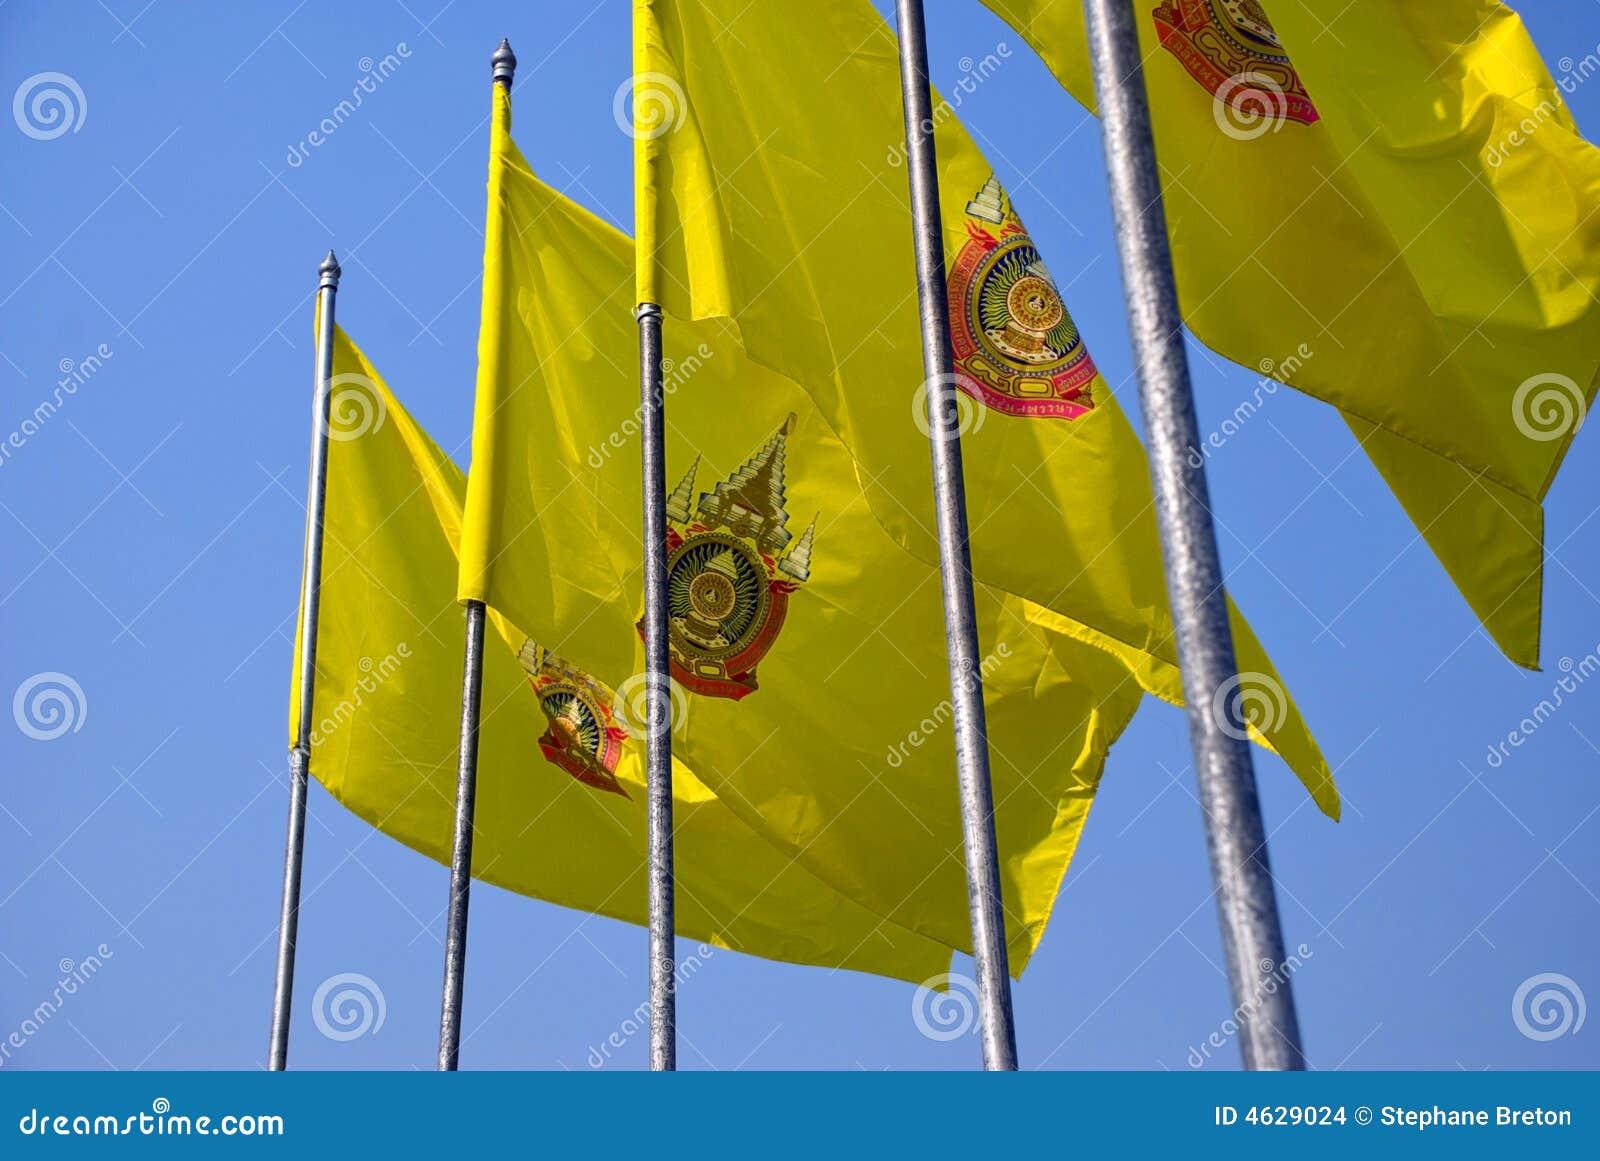 Bandeiras tailandesas